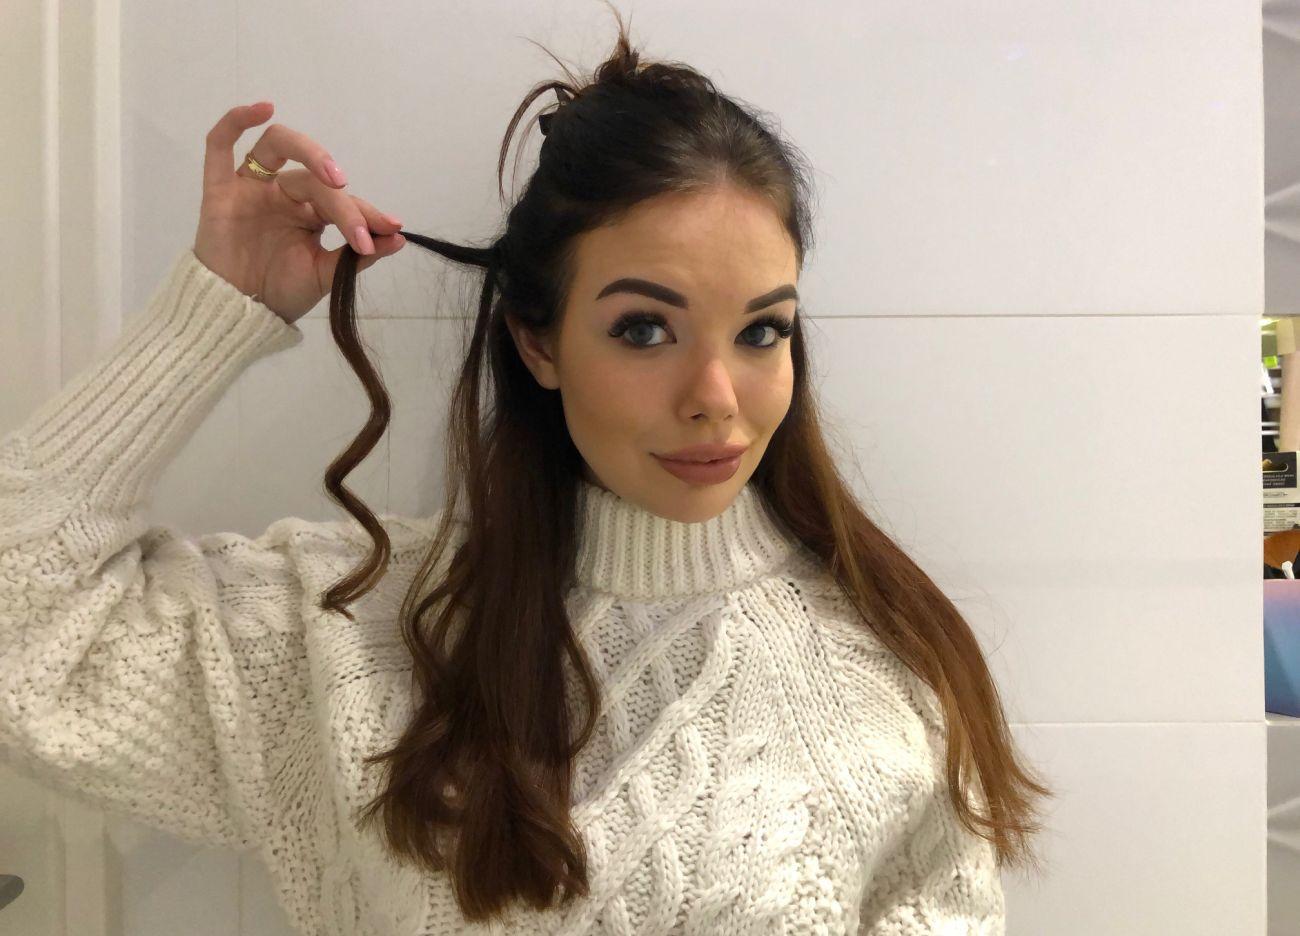 Robienie loków prostownicą - efekt zakręconych włosów